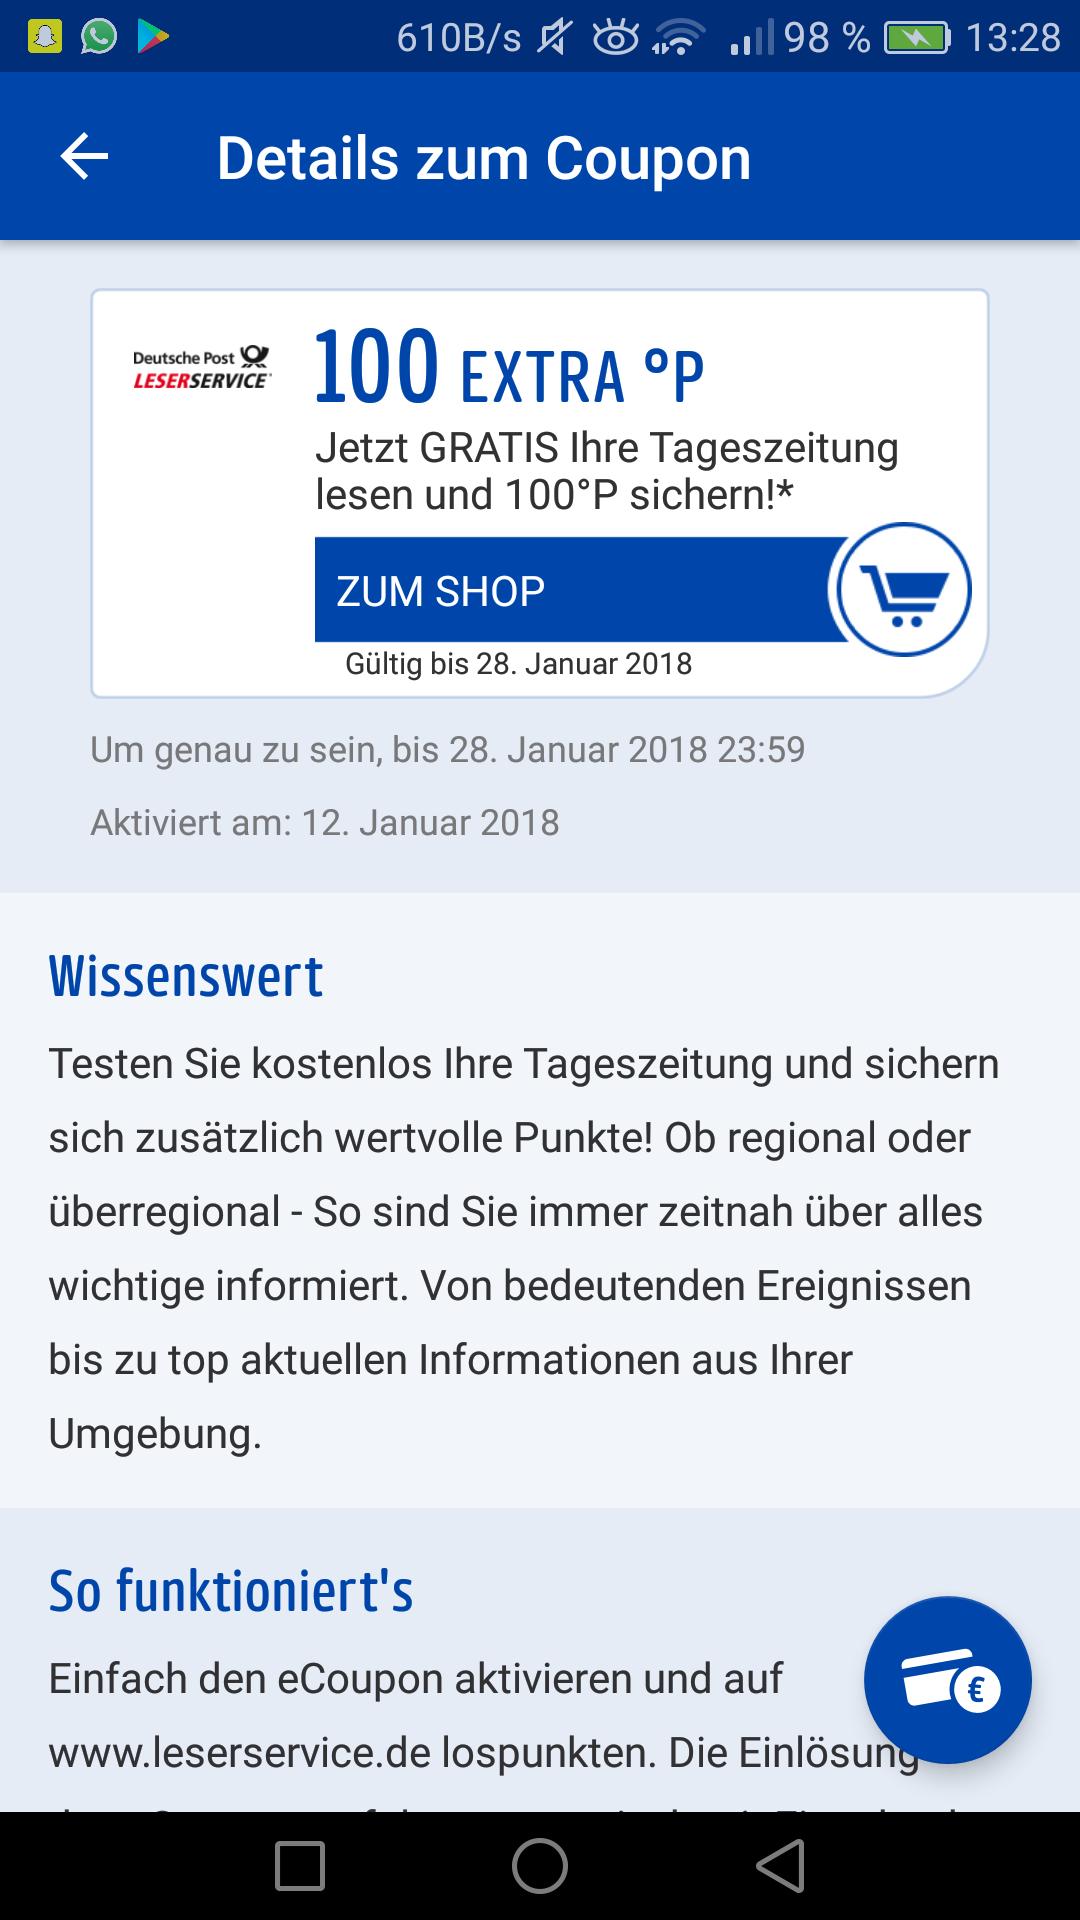 Kostenlos Zeitungen für 2 Wochen über Payback vom Deutsche Post Leserservice